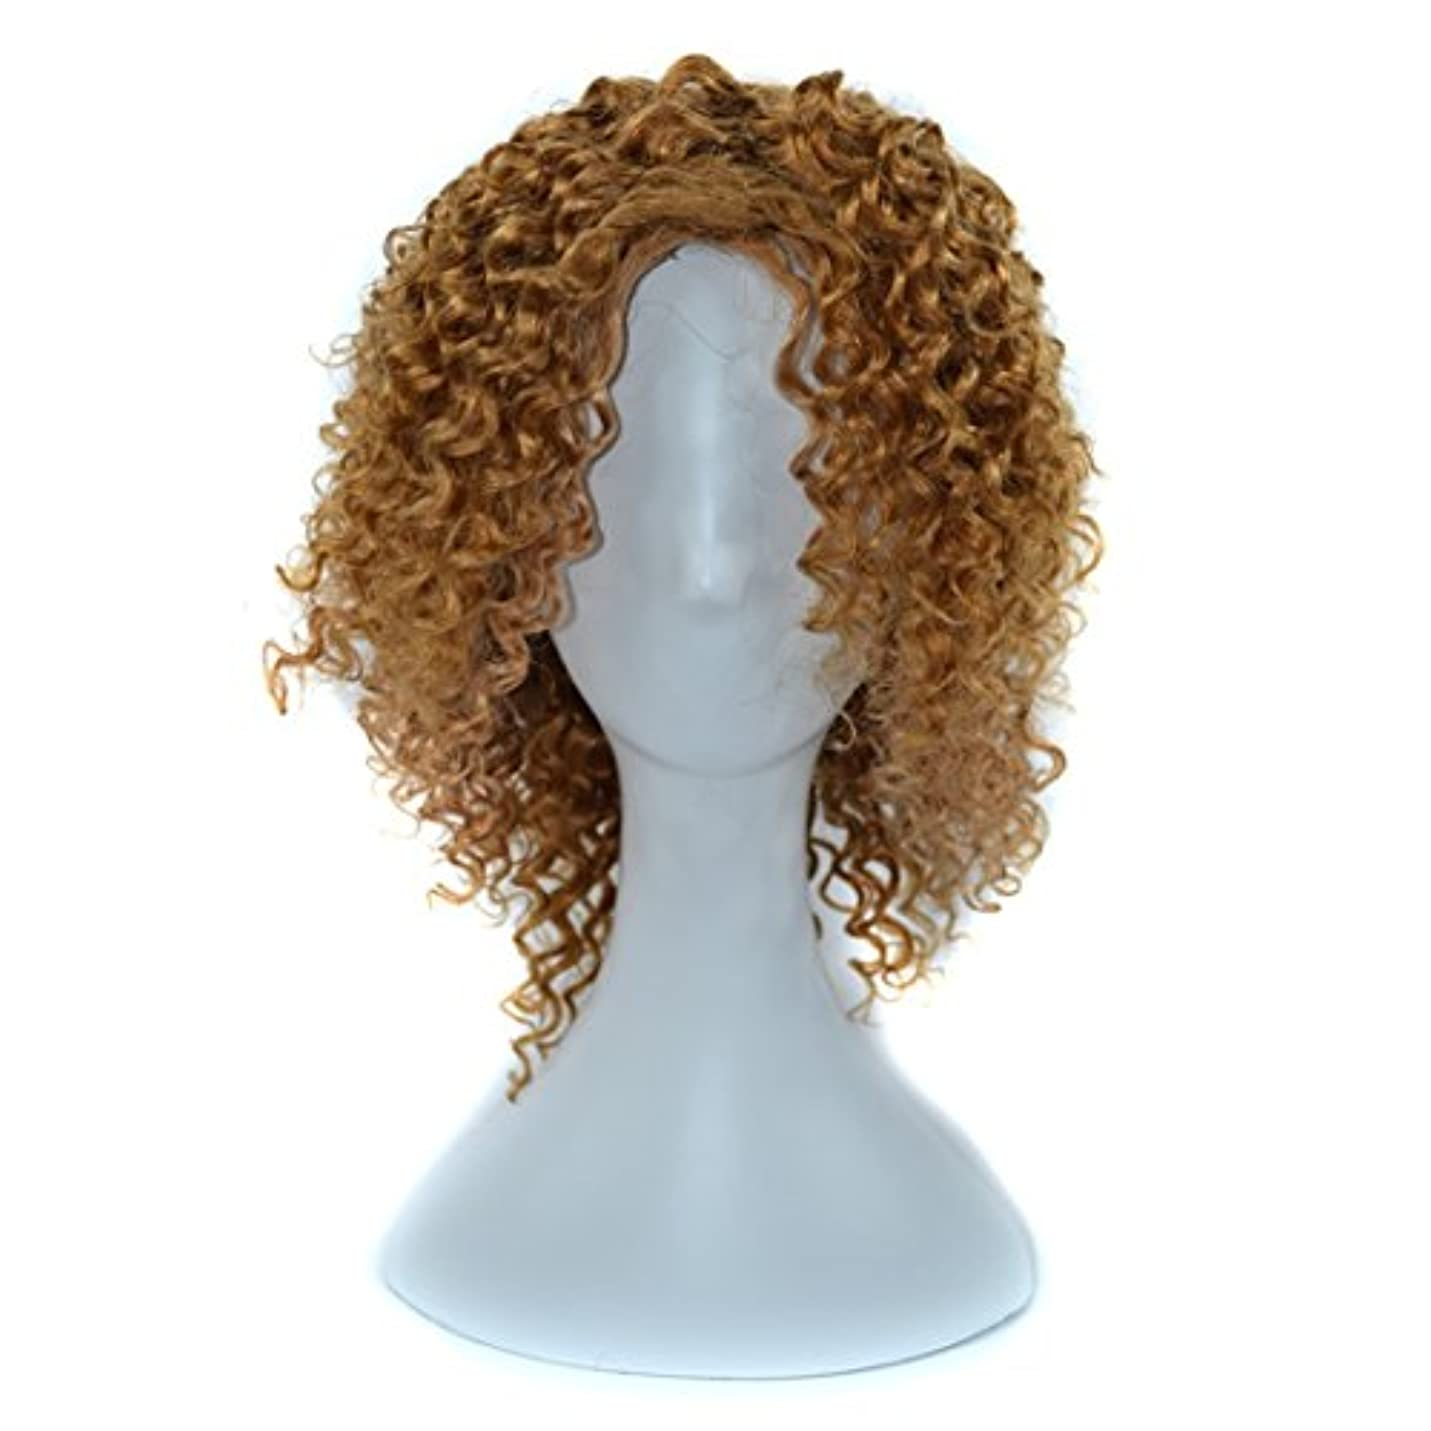 つかむクモ中性YOUQIU 傾斜前髪髪を持つ女性黒浮き、赤やライトブラウンディープカールウィッグはウィッグセットのウィッグを染めすることができないために14インチ本物の人間の髪の毛 (色 : 淡い茶色)